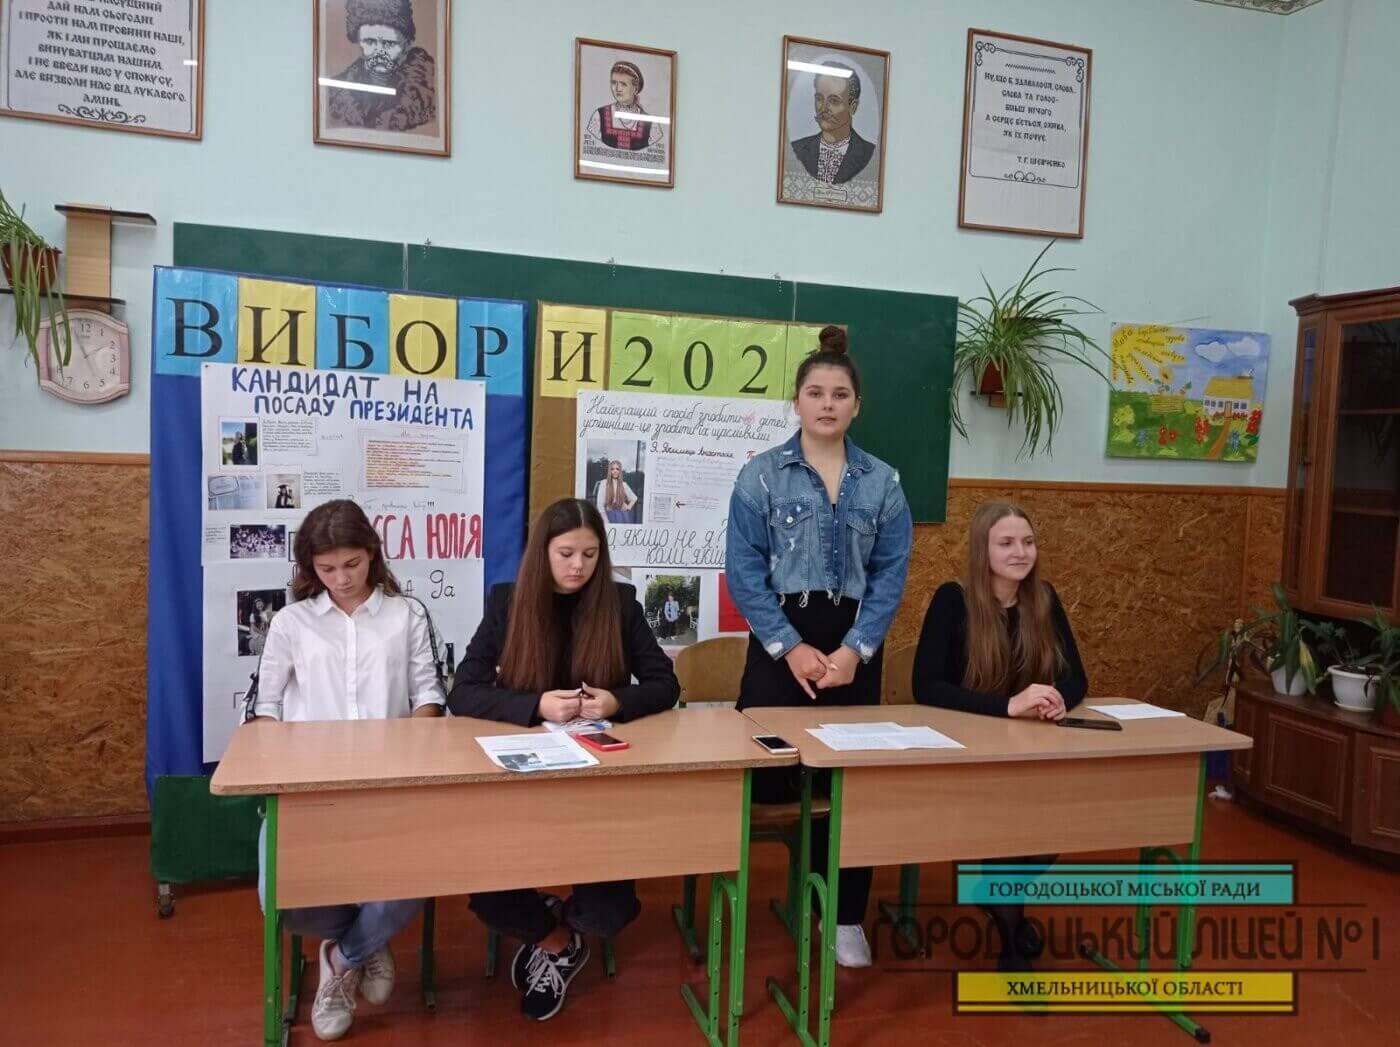 zobrazhennya viber 2021 09 20 16 35 28 478 1400x1047 - Дебати кандидатів на пост президентаучнівського самоврядування